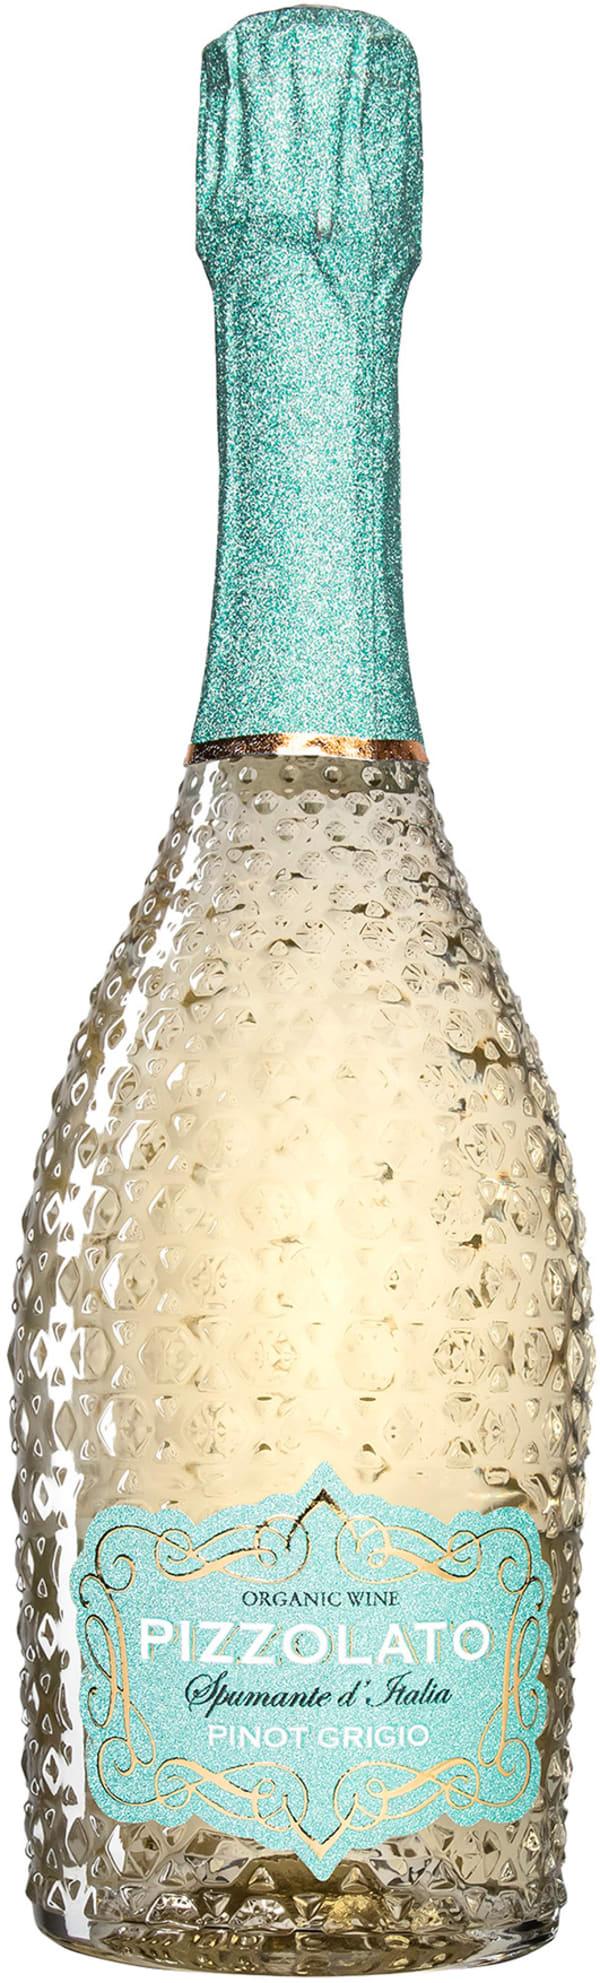 Pizzolato Organic Pinot Grigio Extra Dry 2019